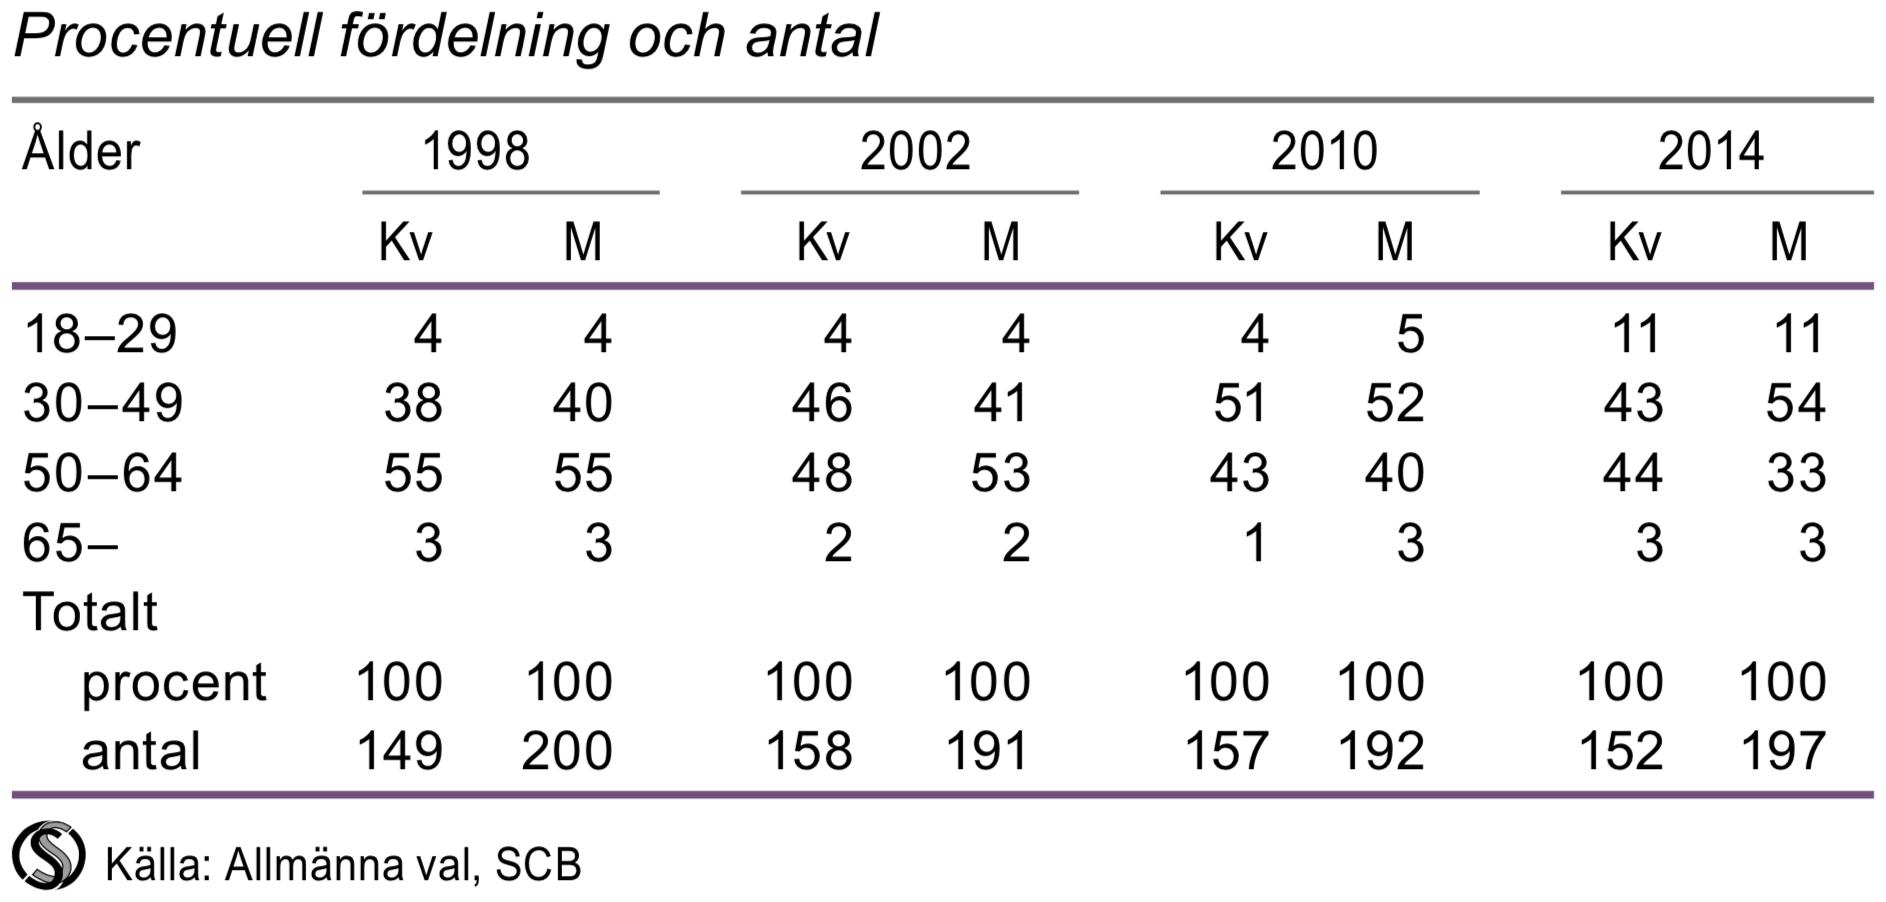 Valda till riksdagen efter ålder, 1998, 2002, 2010 och 2014